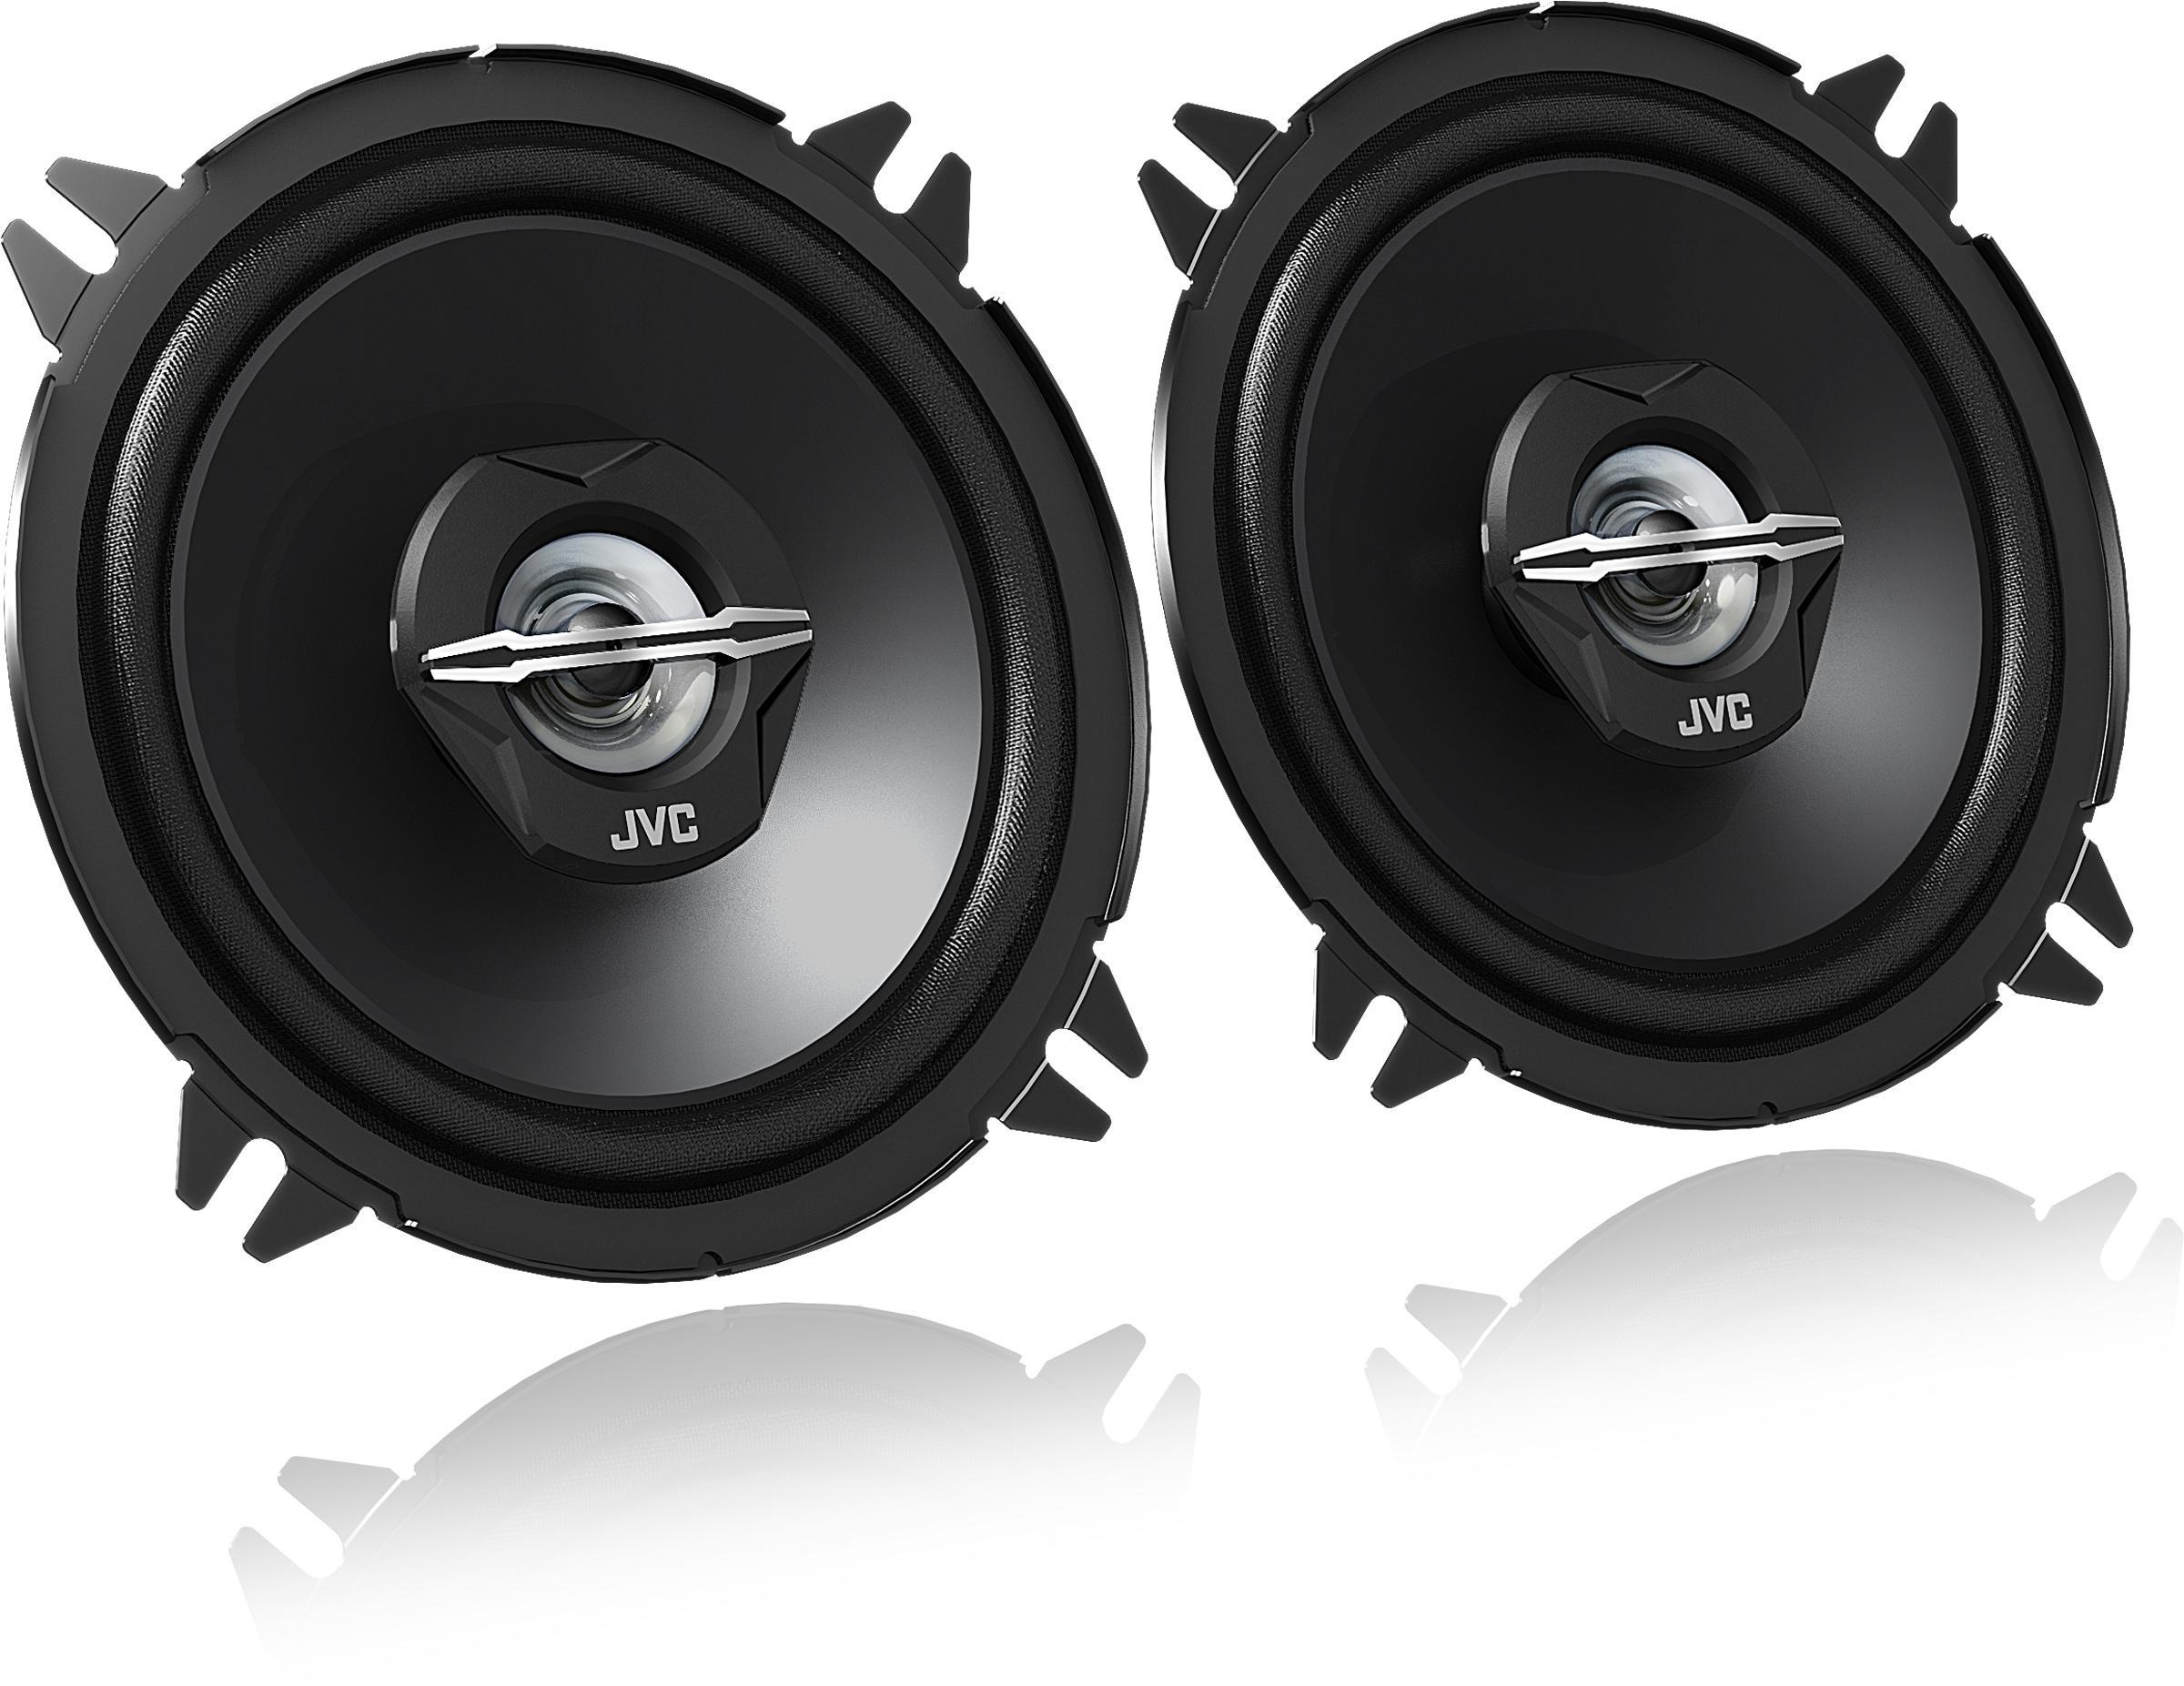 Lautsprecher CS-J520X Niedrige Preise - Jetzt kaufen!